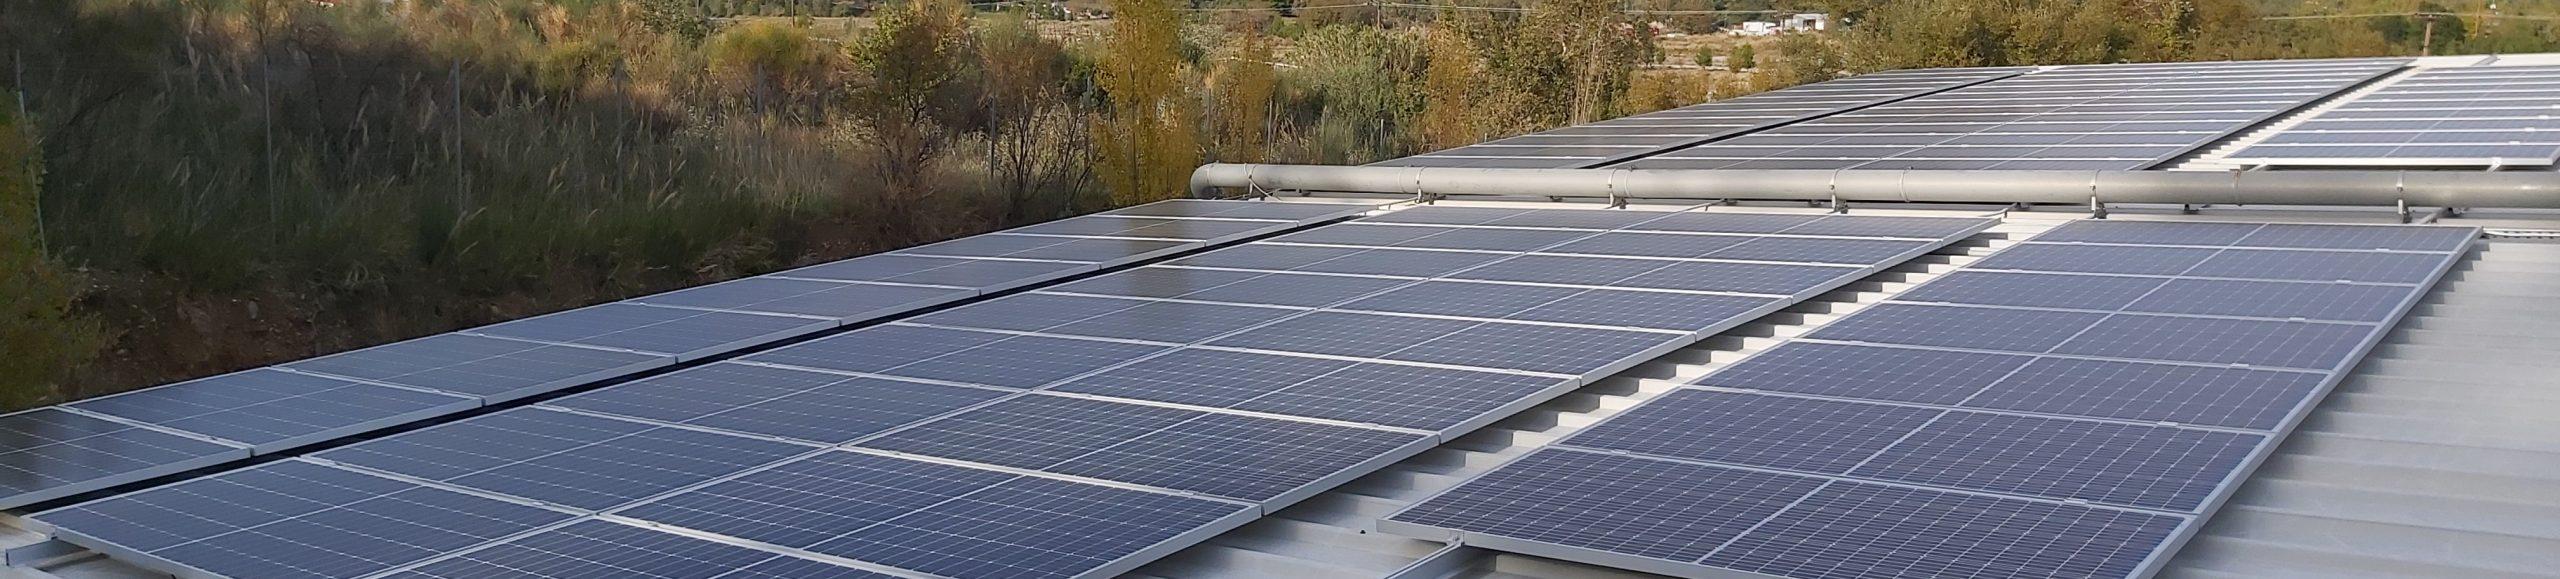 Φωτοβολταϊκό ενεργειακού συμψηφισμού σε επιχείρηση στη Δυτική Ελλάδα